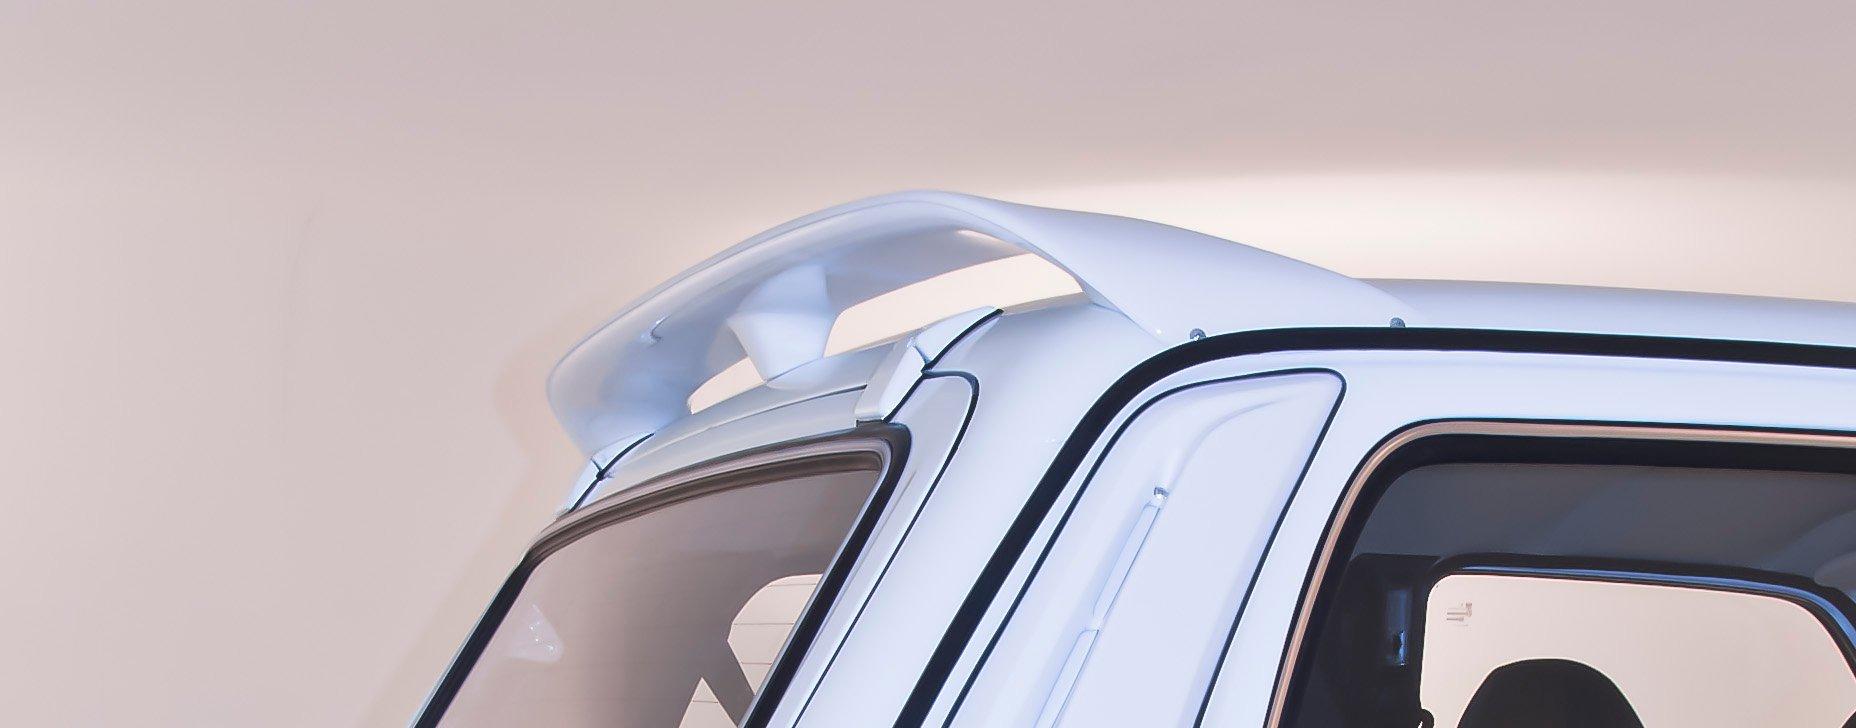 спойлер пластиковое крыло в стиль машины